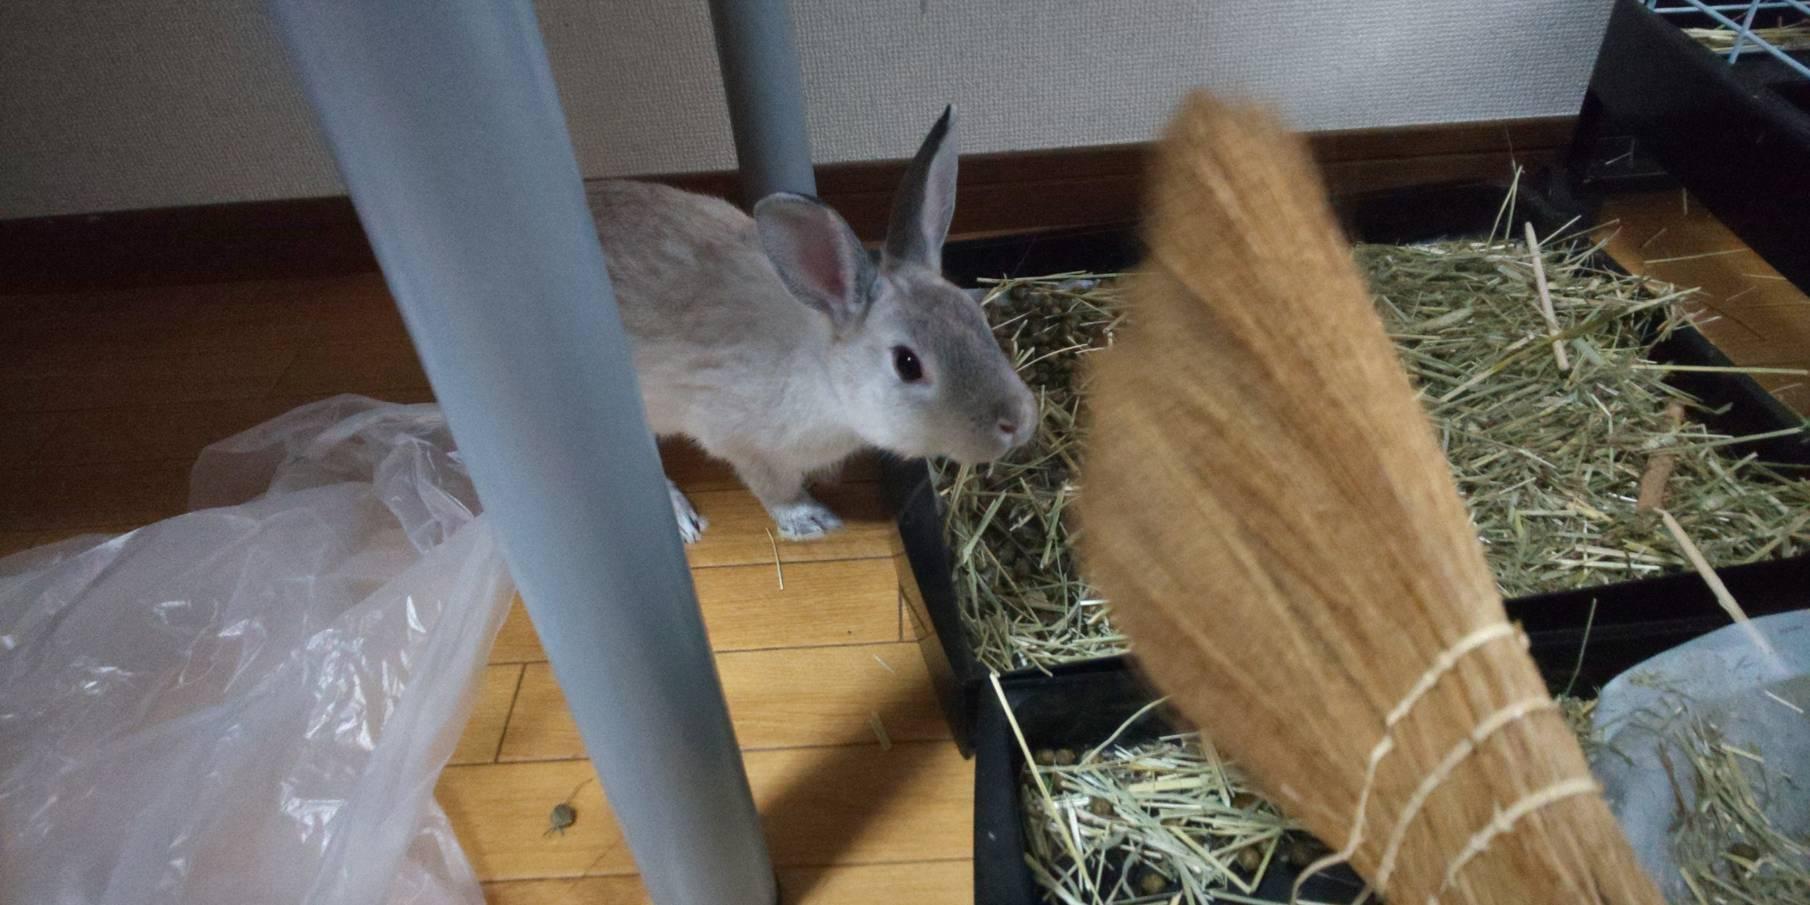 【ミニウサギ】 チモシーのロングと切ったタイプ